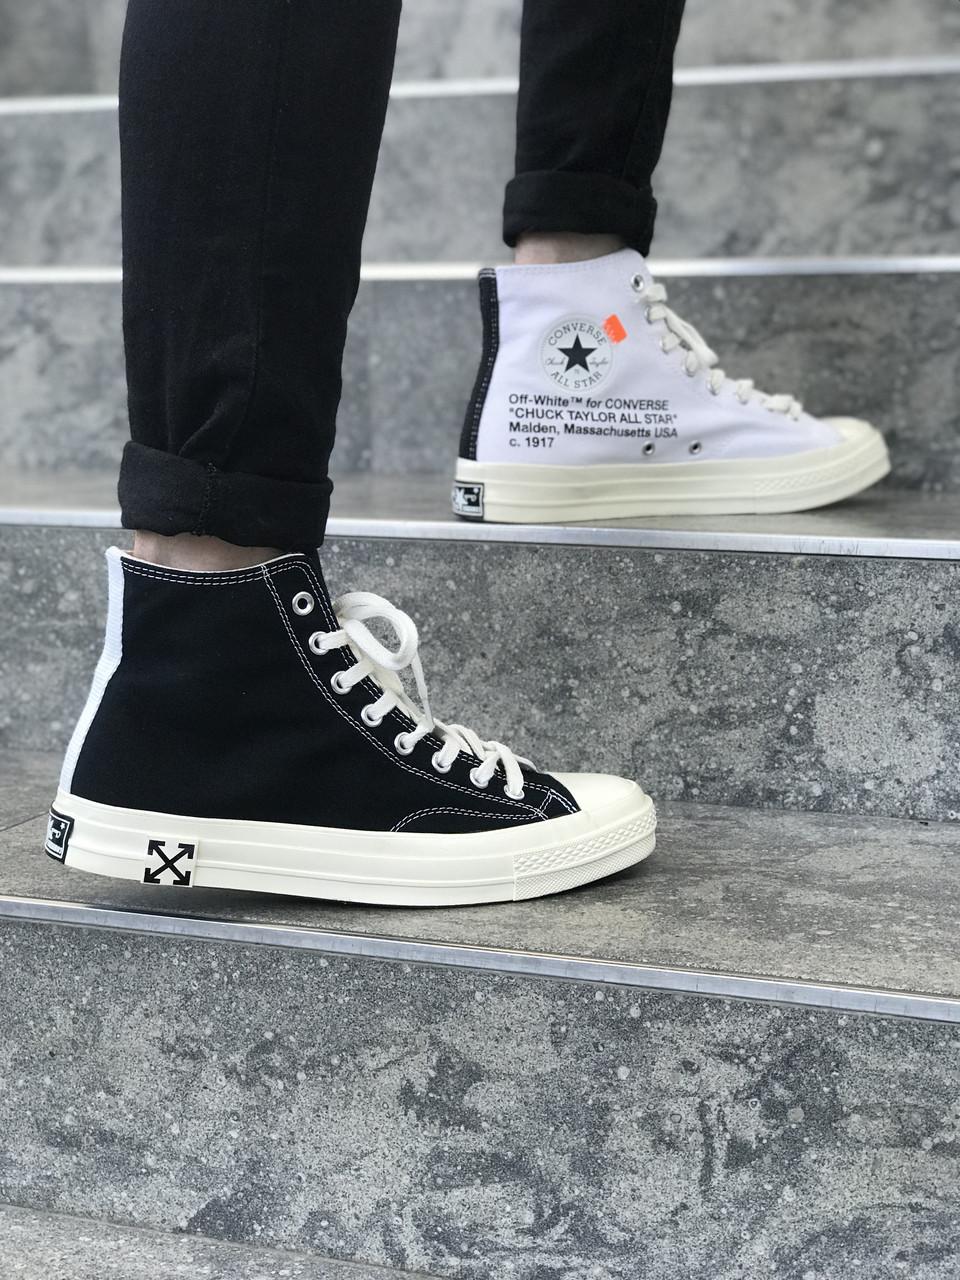 Мужские кеды Converse x off white Реплика  продажа 76e51bce0caf4